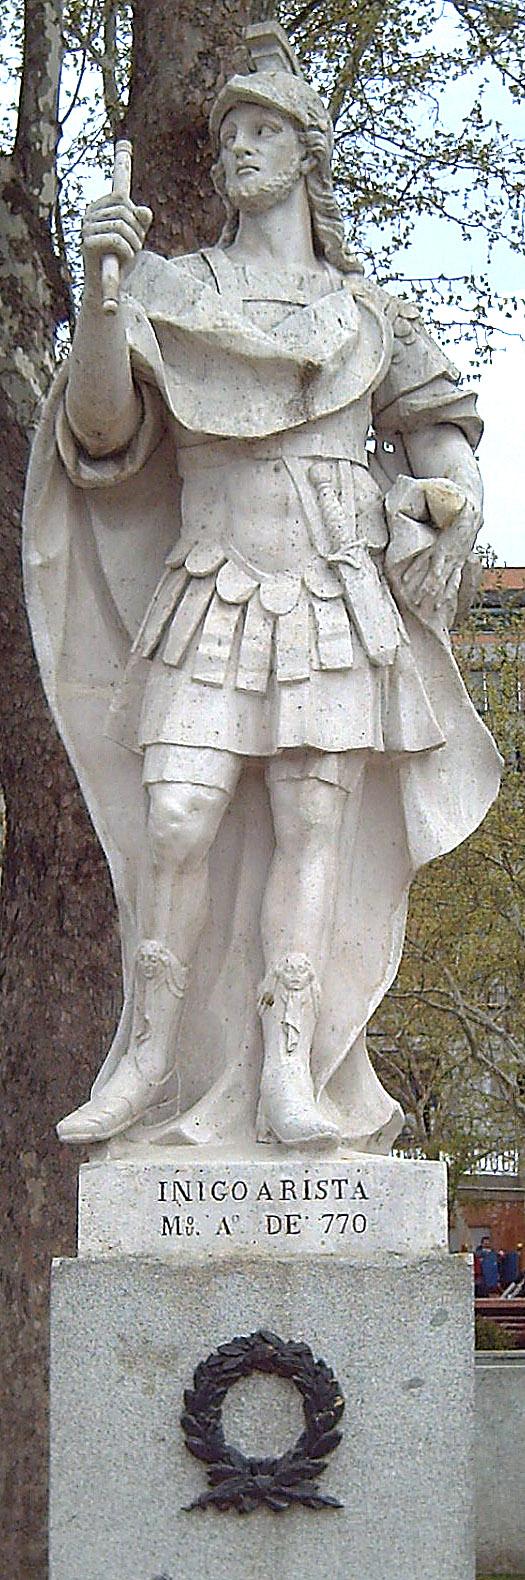 Íñigo Arista of Pamplona